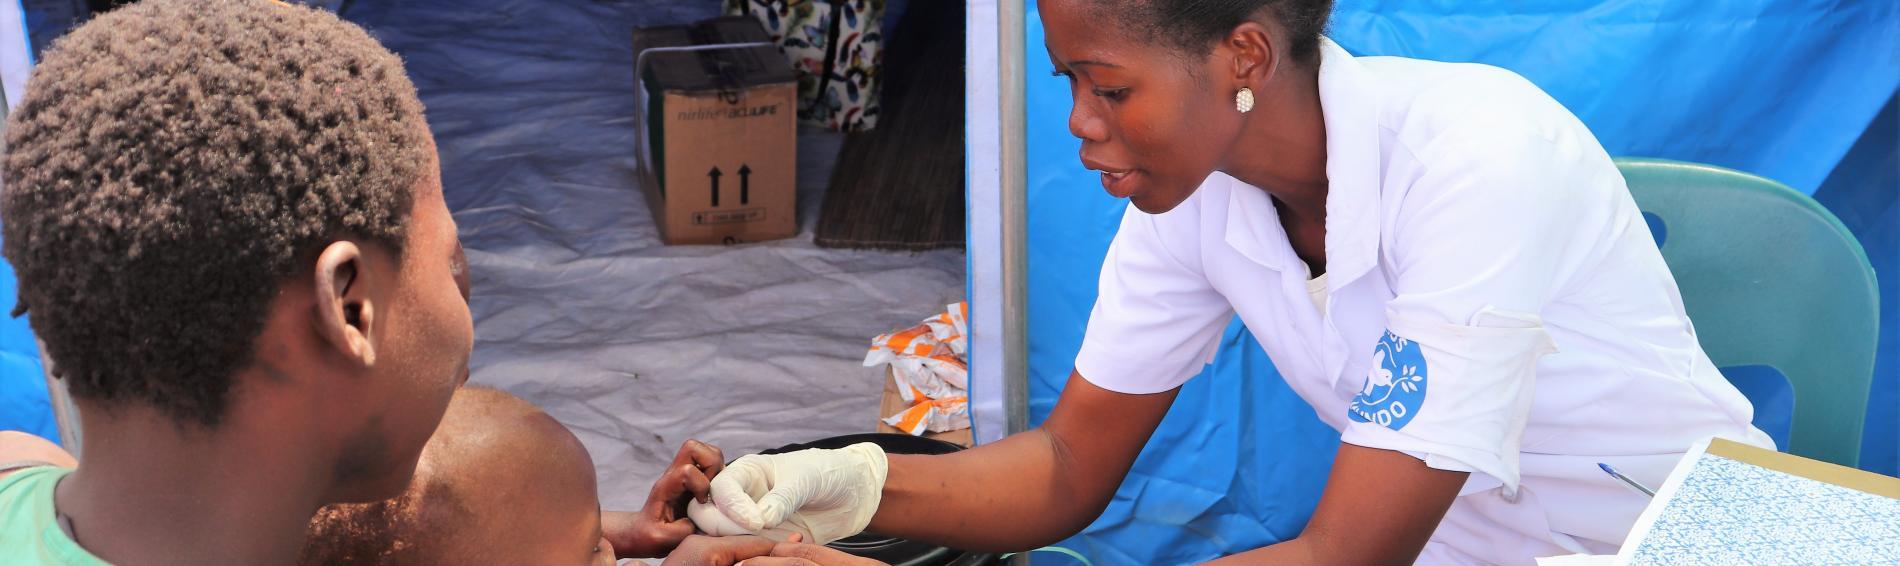 Eine Ärzte der Welt-Mitarbeiterin untersucht ein Kind in Mosambik. Foto: Ärzte der Welt